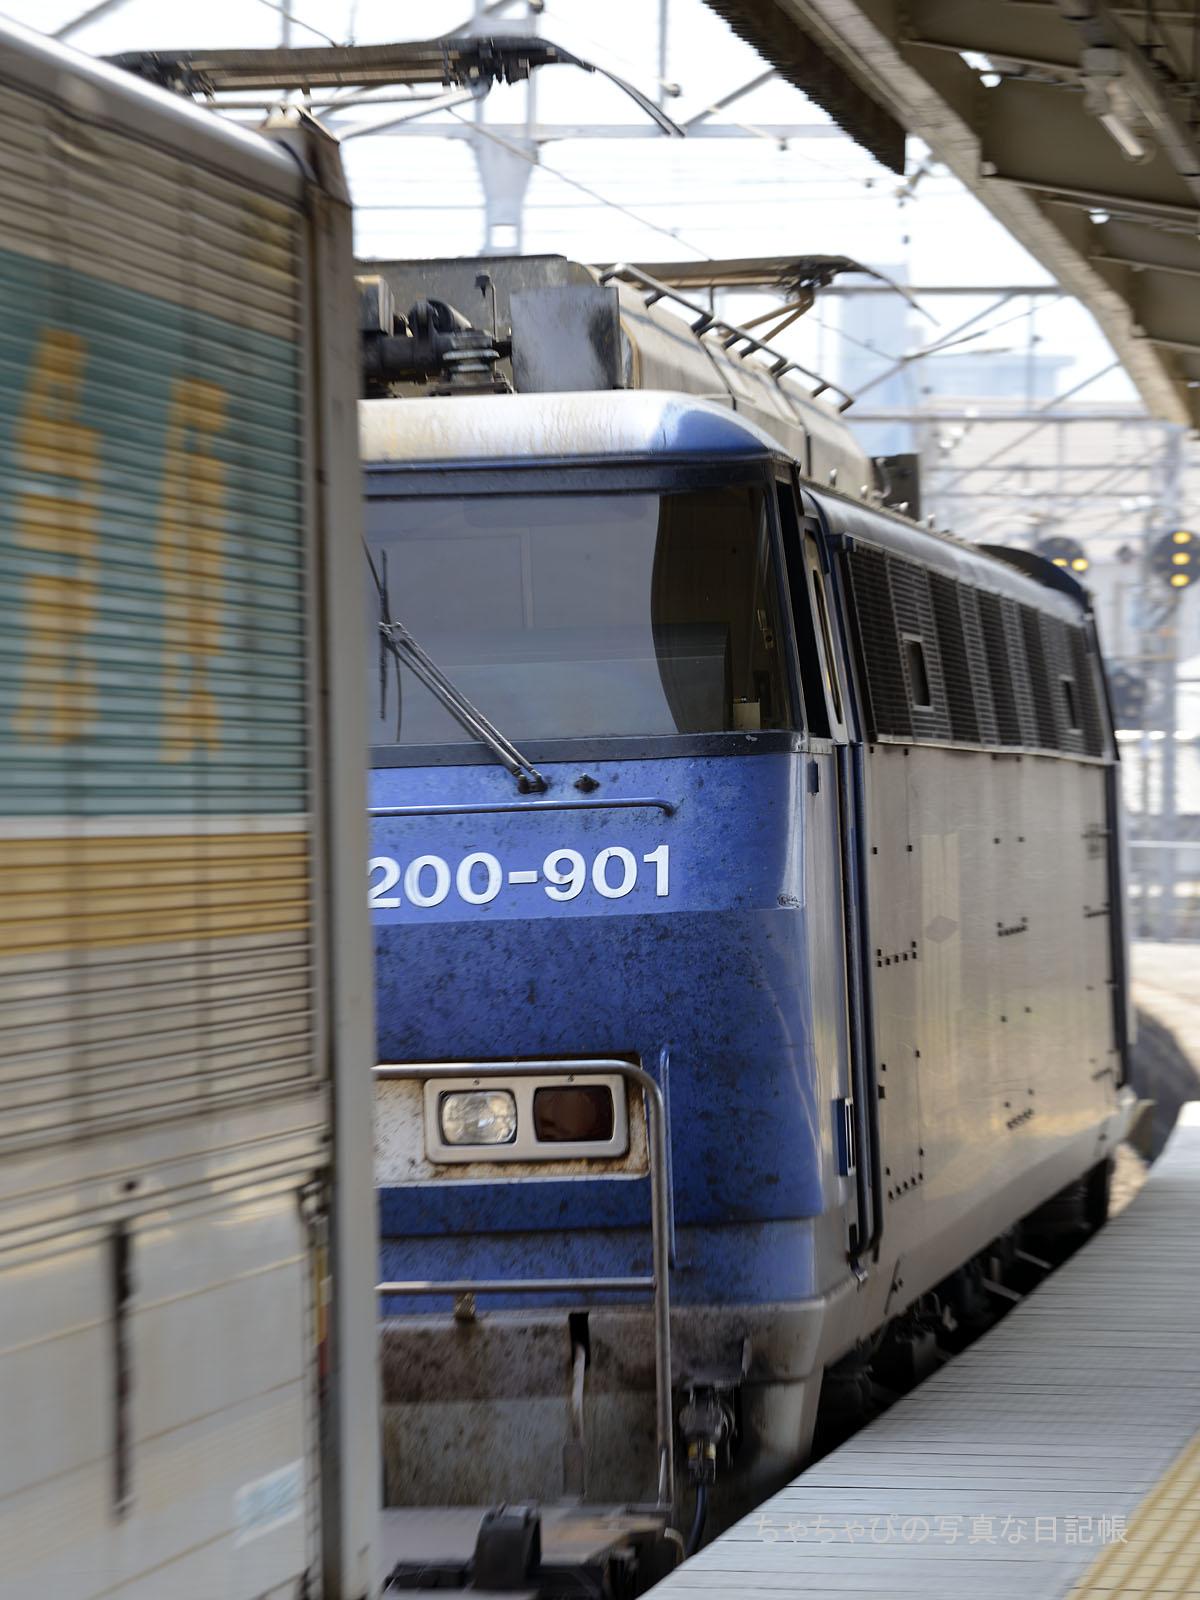 3070レ、EF200-901 海田市駅